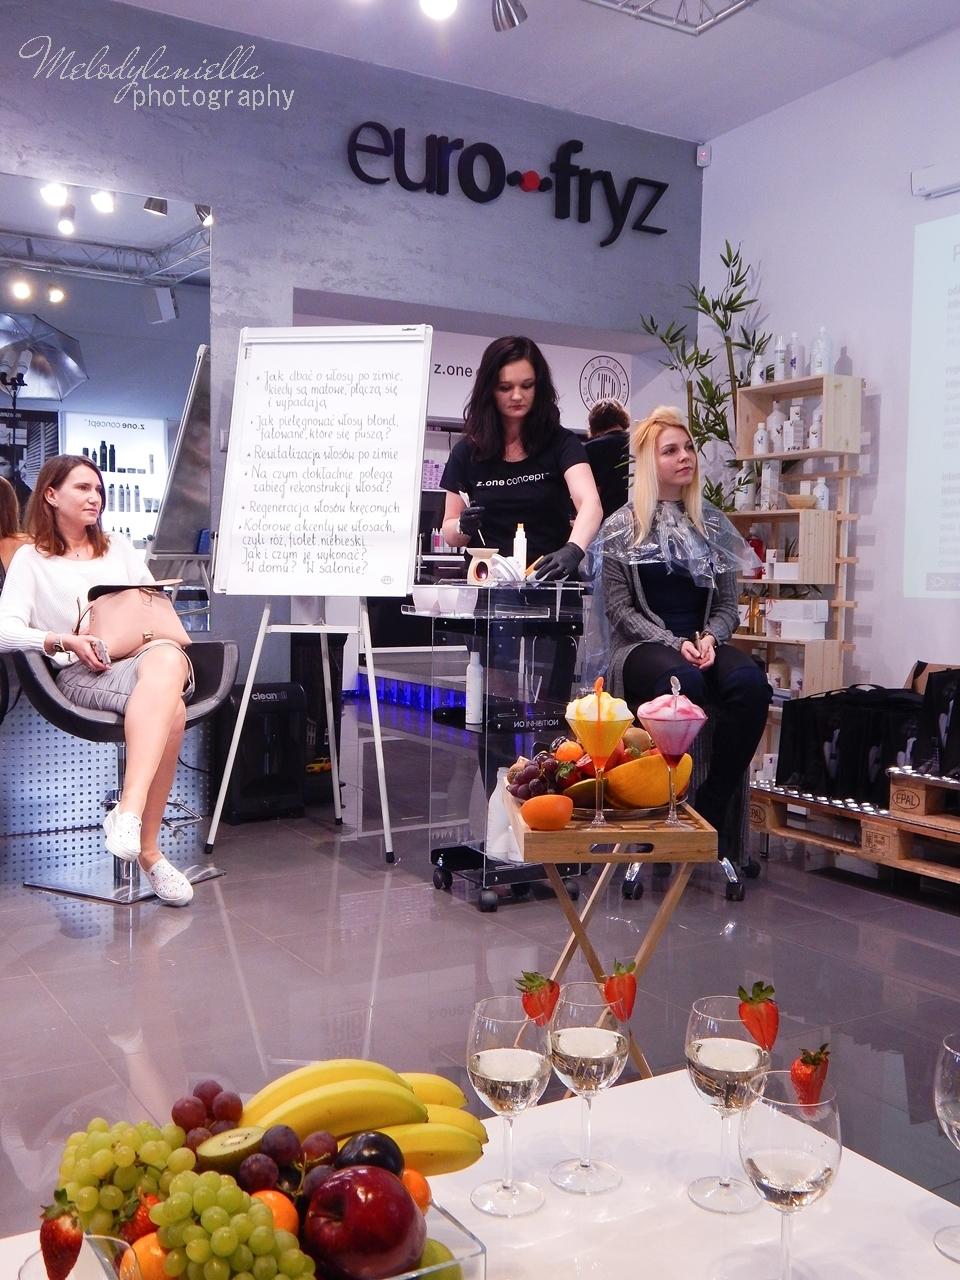 8  relacja spotkanie blogerek akademia z.one concept łódź szkolenia dla fryzjerów akademia fryzjerska koloryzacja melodylaniella jak dbać o włosy pielęgnacja koloryzacja włosów